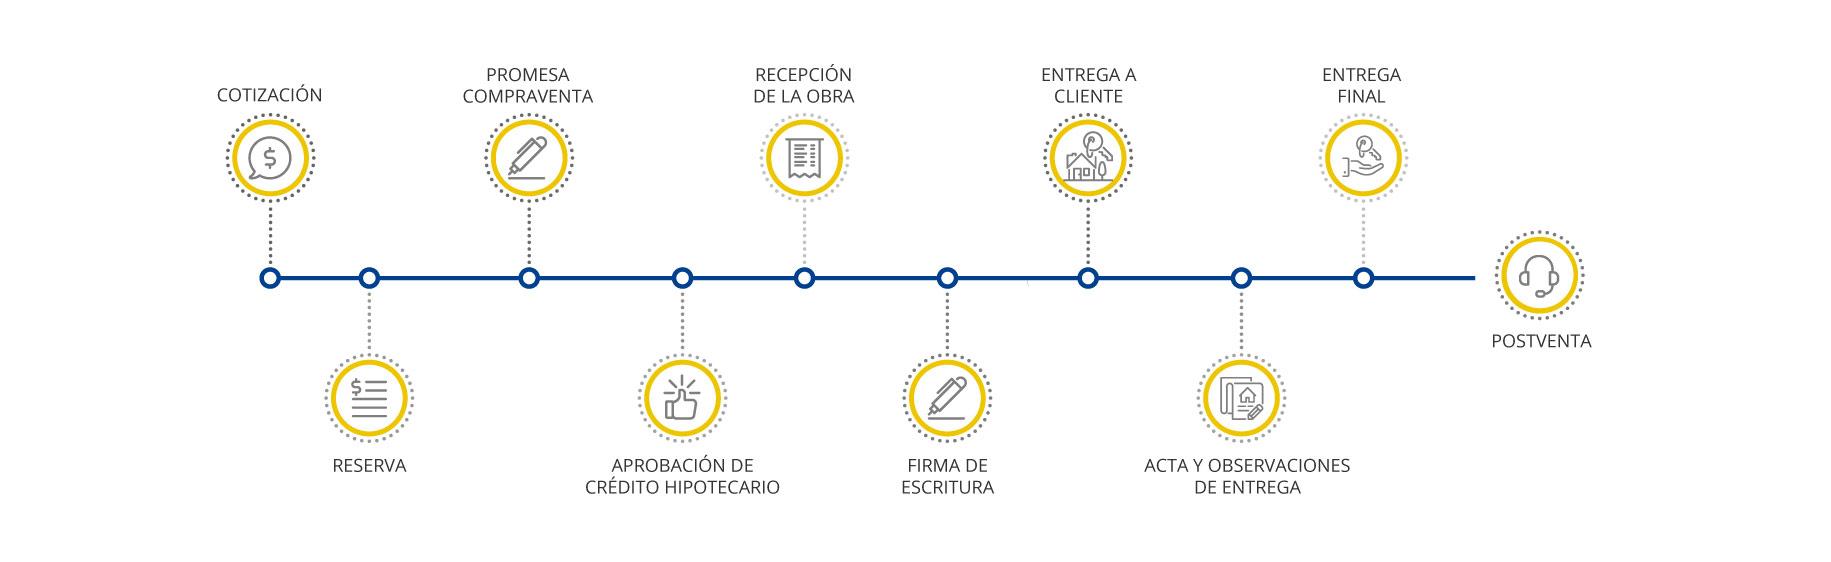 Gráfico Servicio al Cliente